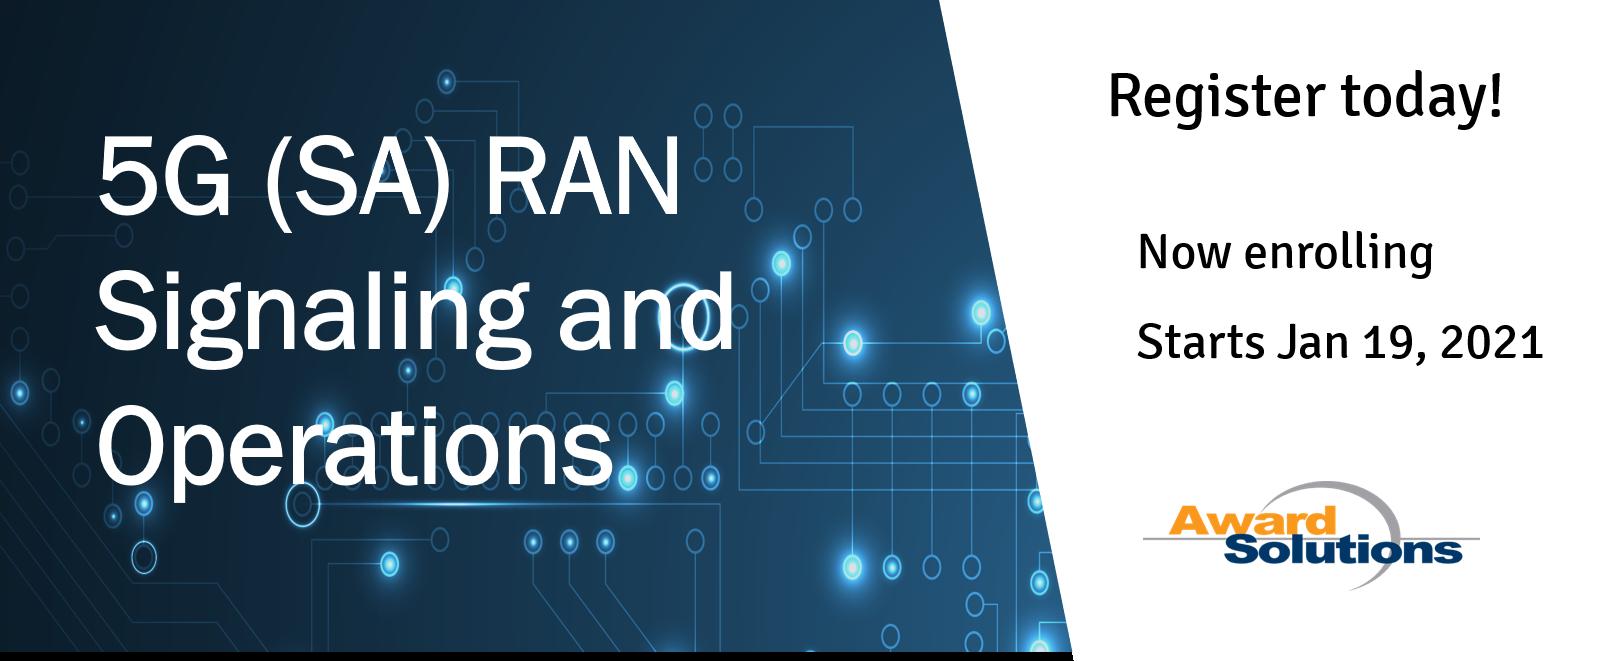 5G (SA) RAN SIgnaling and Operations_Jan 19-2021.png